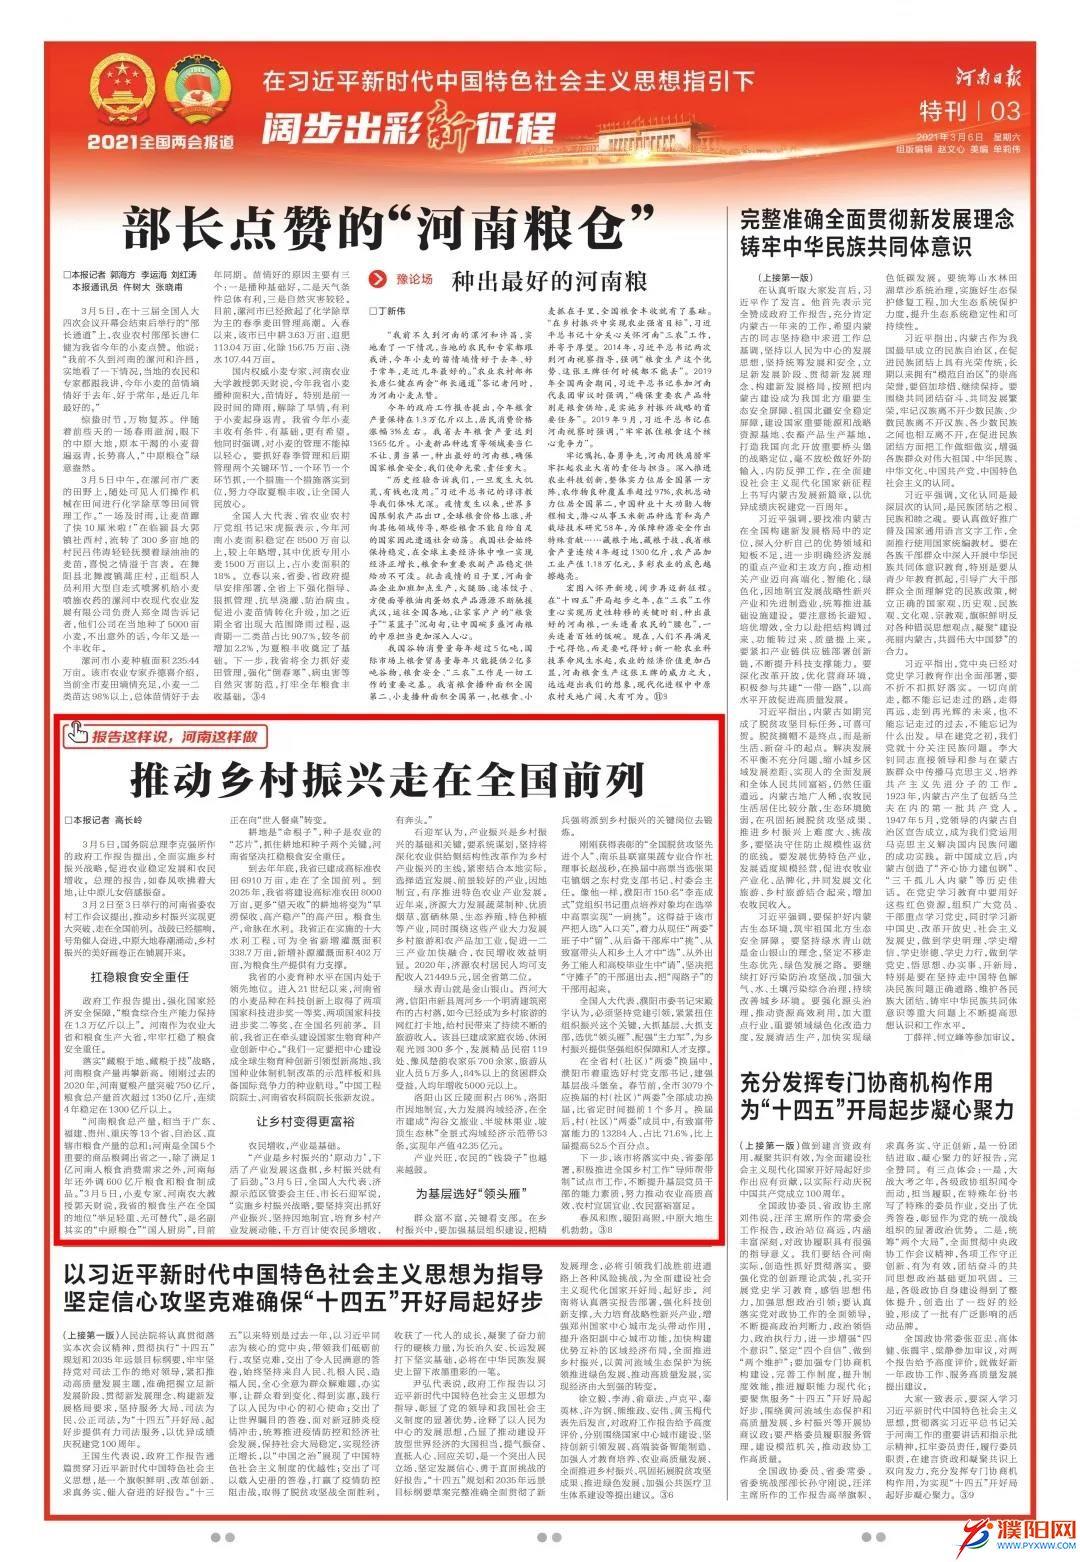 """《河南日报》点赞濮阳:为基层选好""""领头雁"""""""